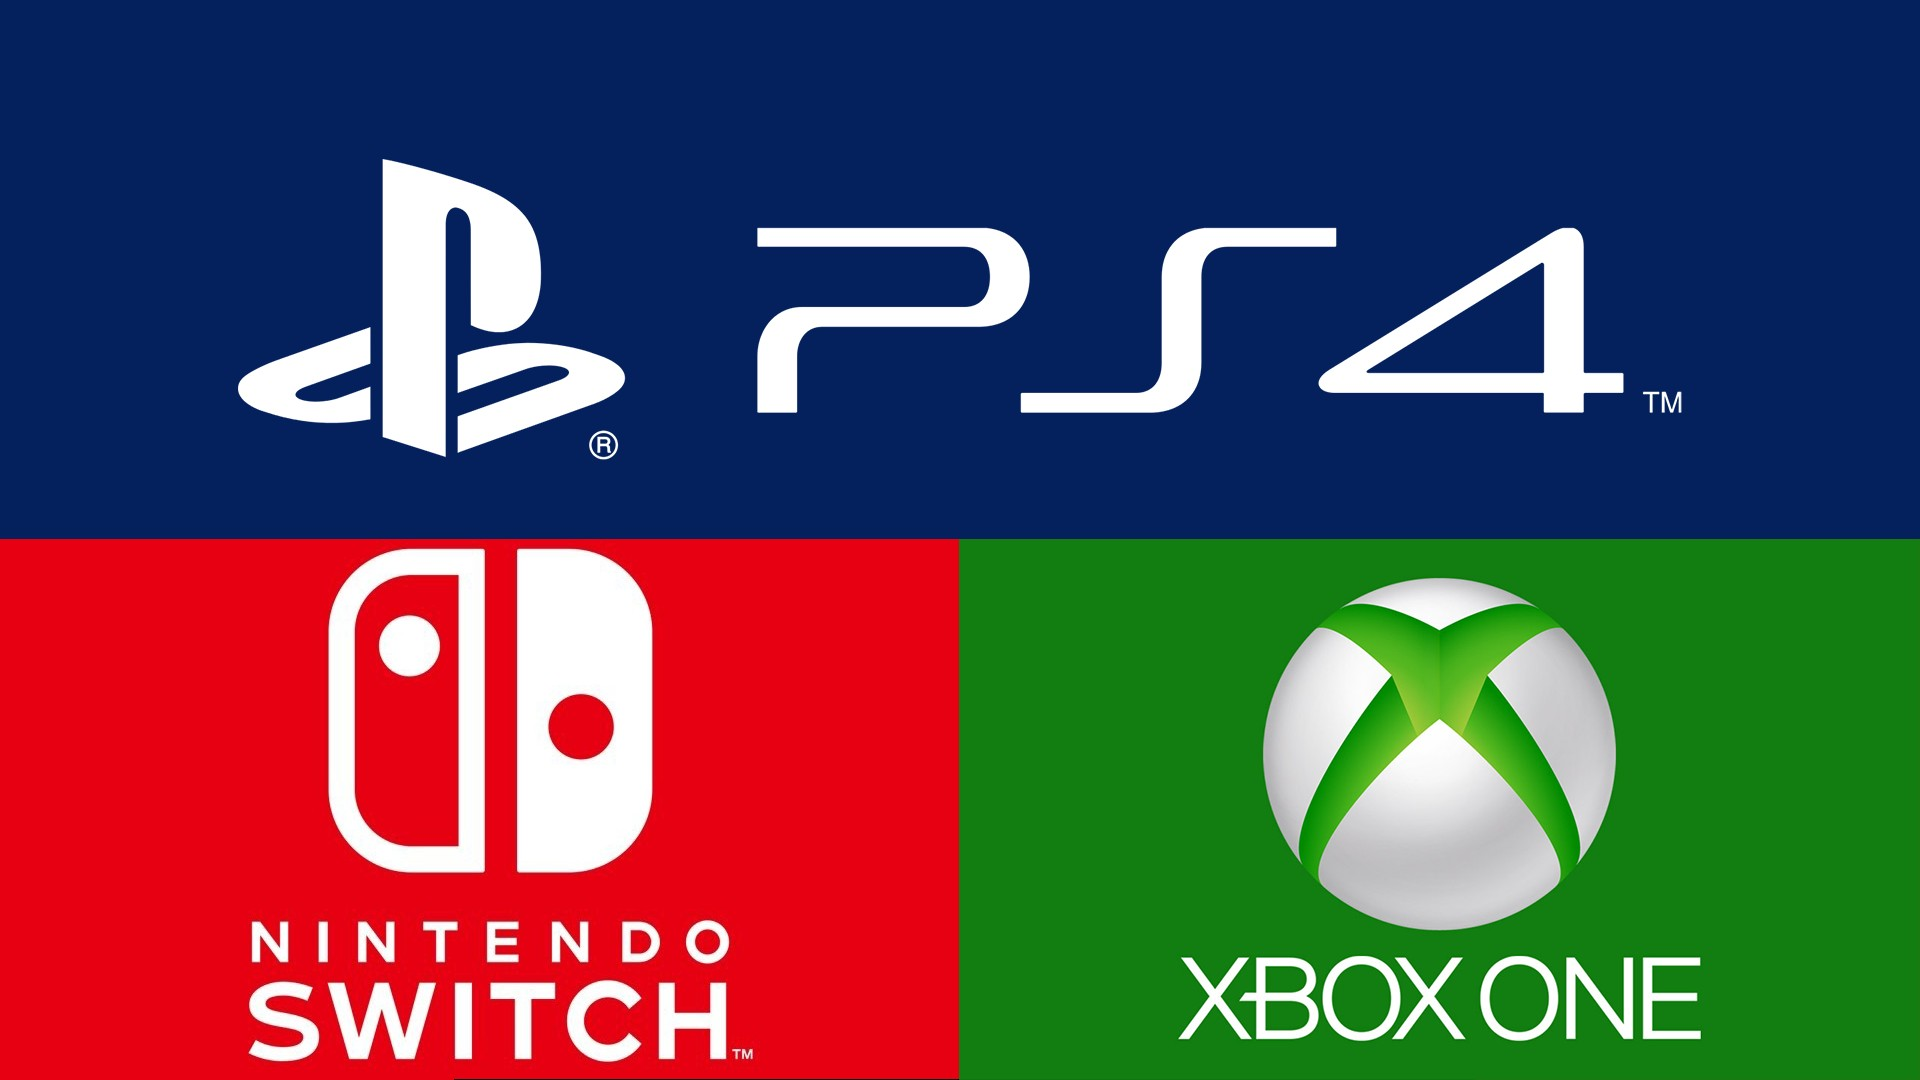 [Перевод] Слова защиты в пользу неразвитого кросс-плея на PlayStation 4